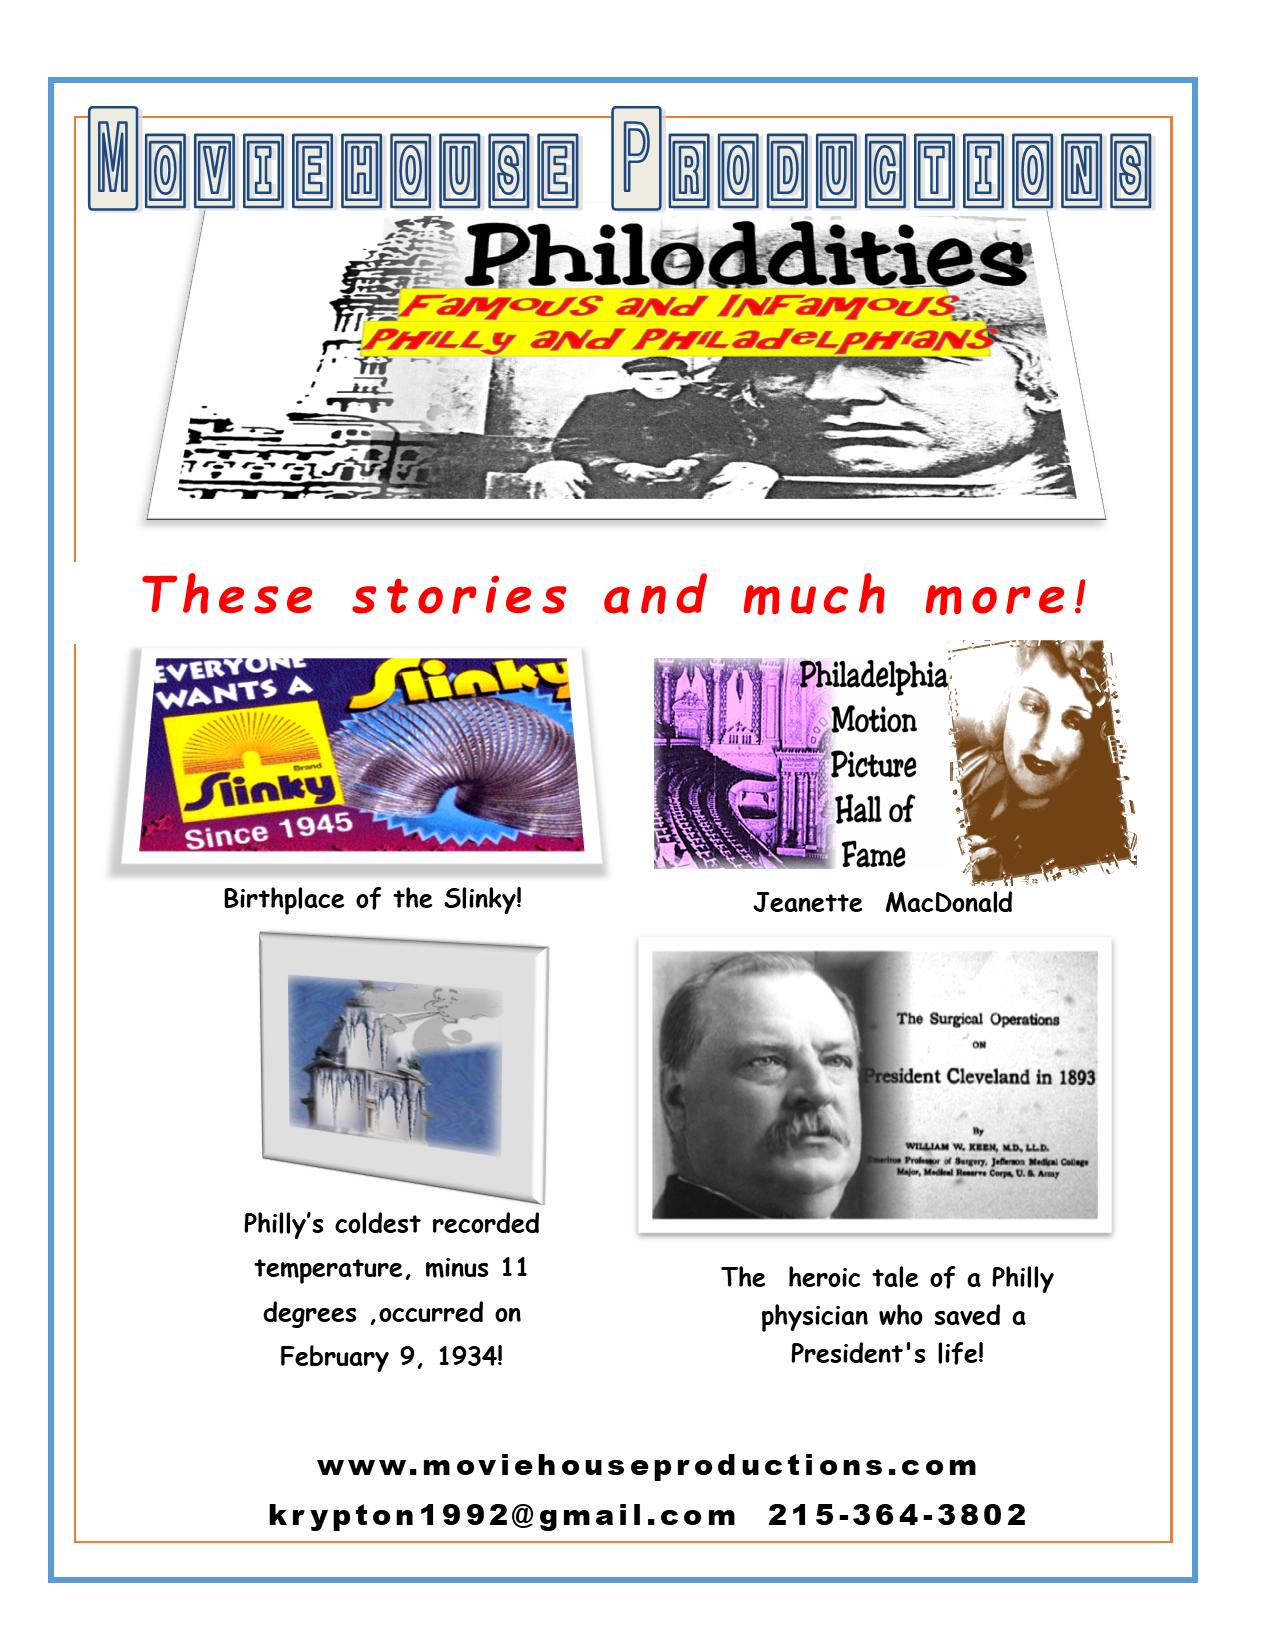 phil-oddities flyer